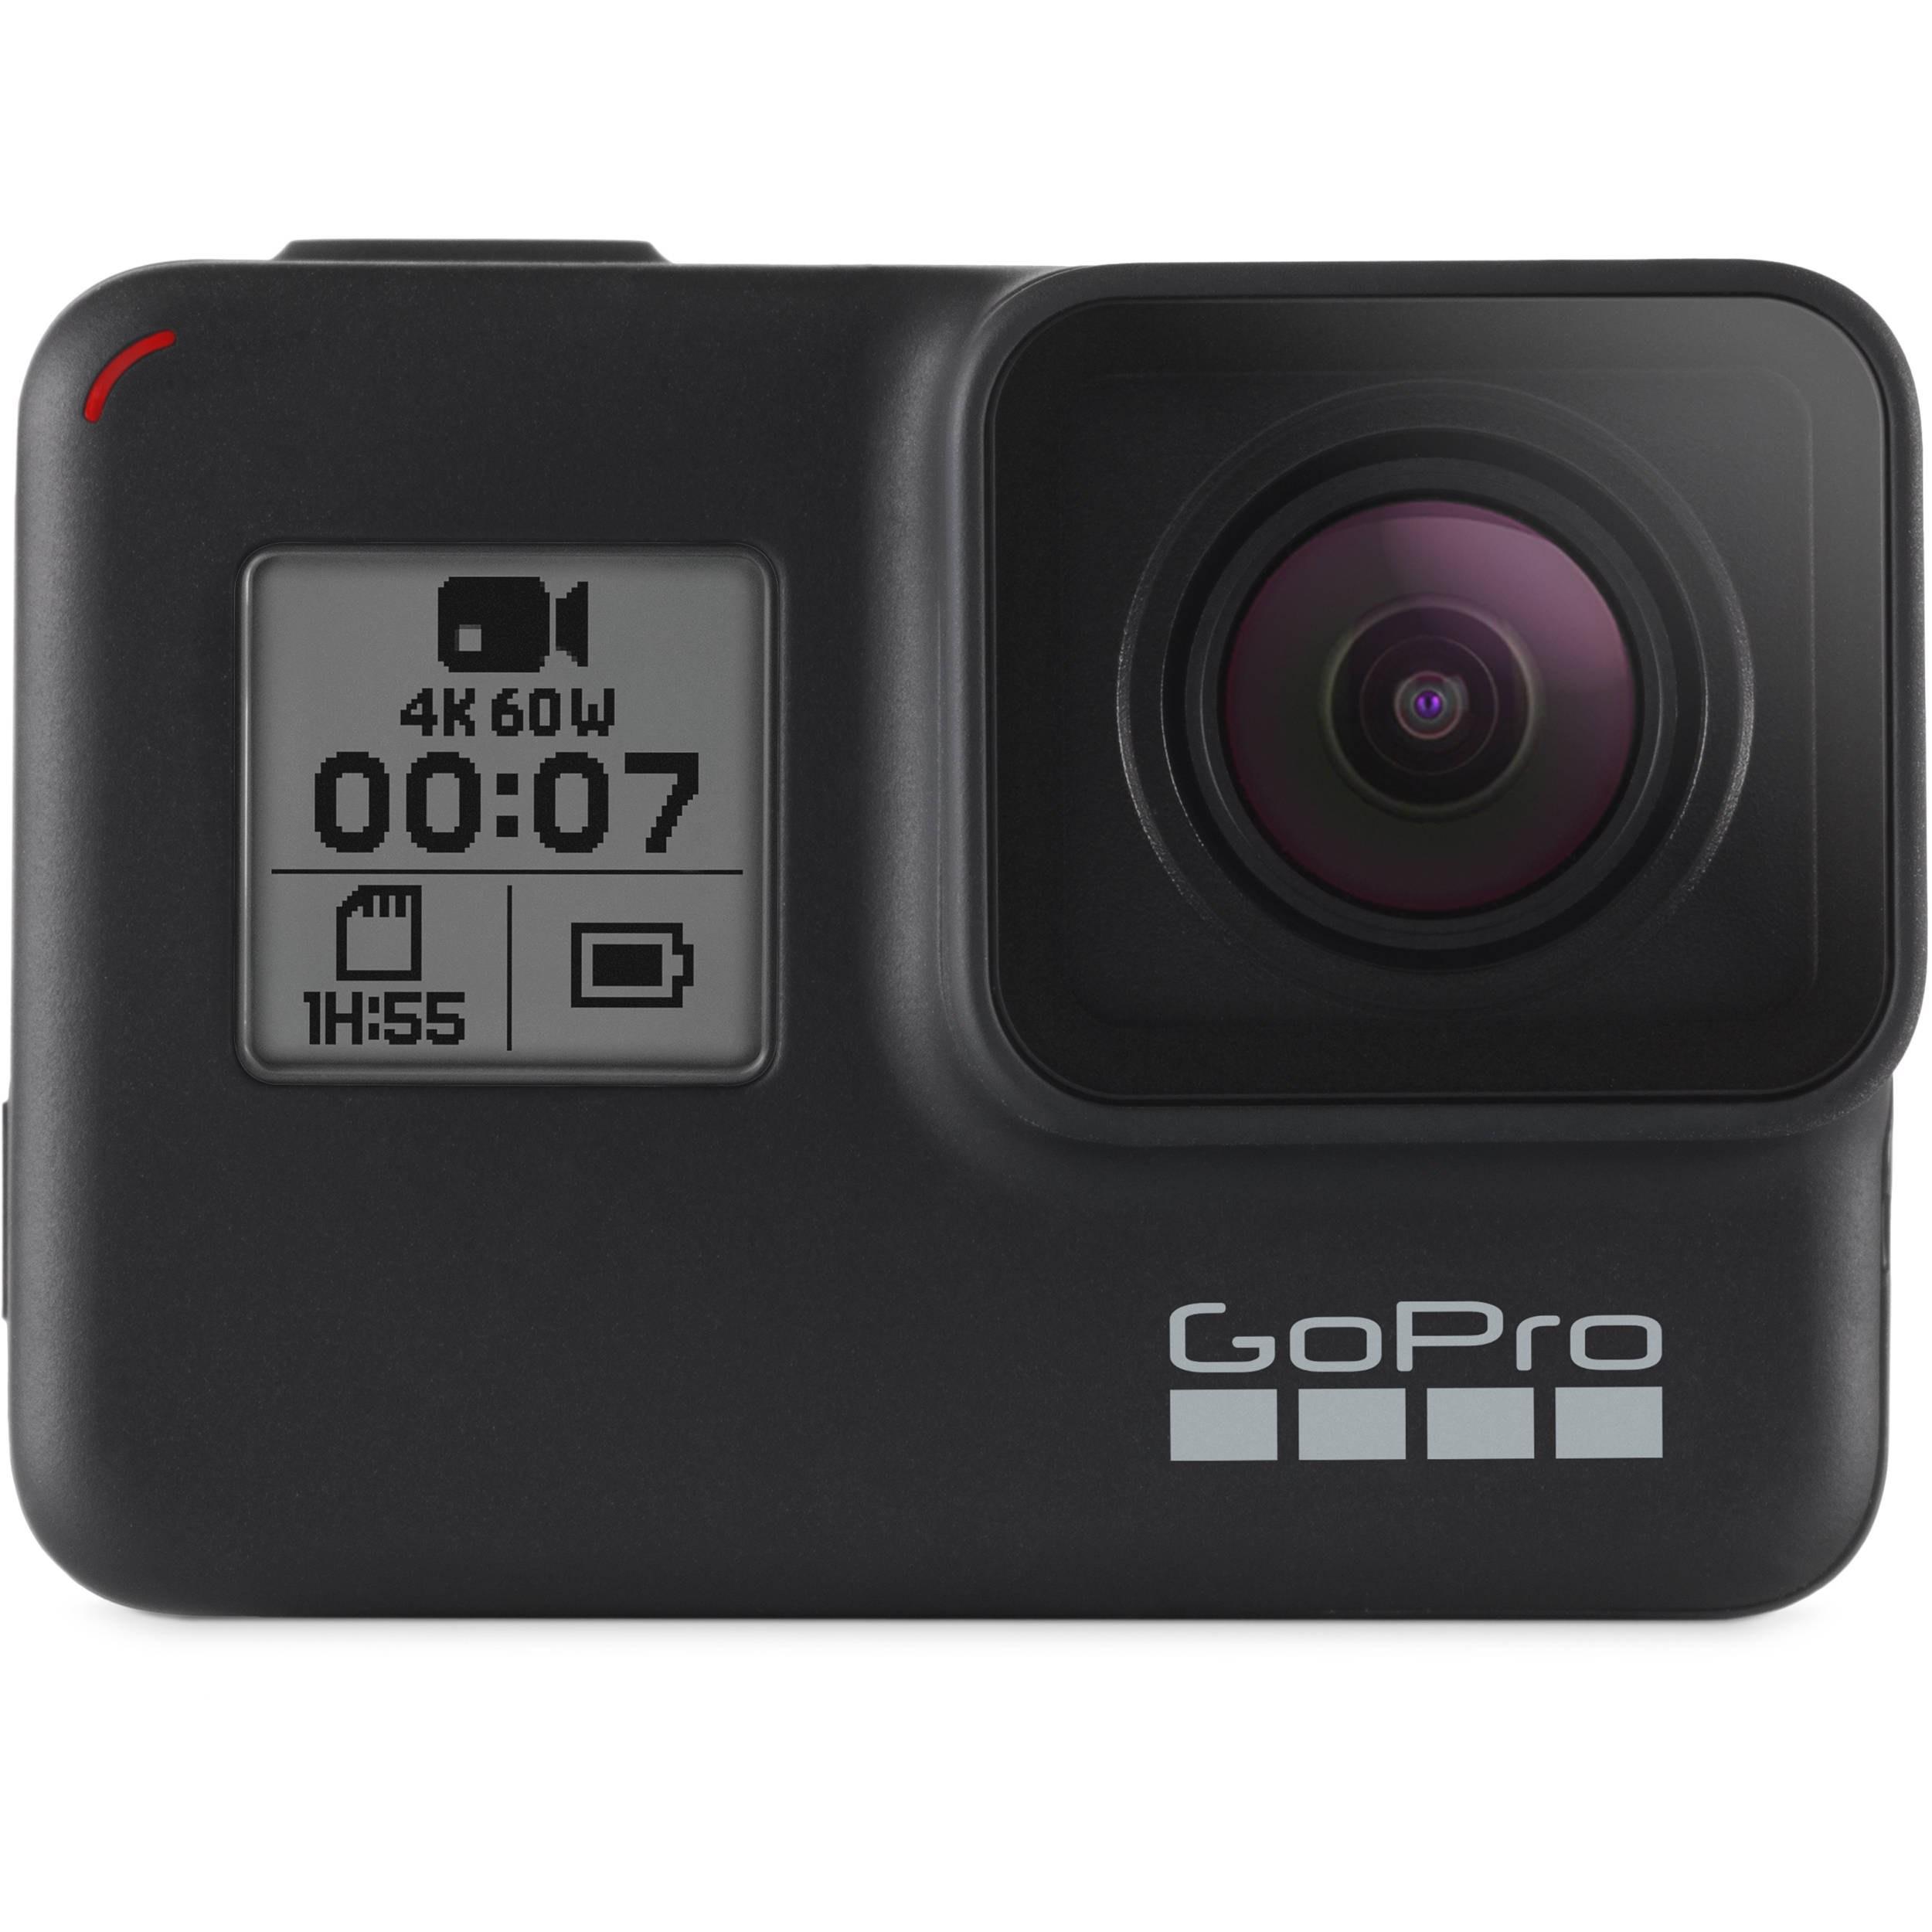 고프로 히어로7 블랙 액션캠 [SPCH1], GoPro Hero 7 Black